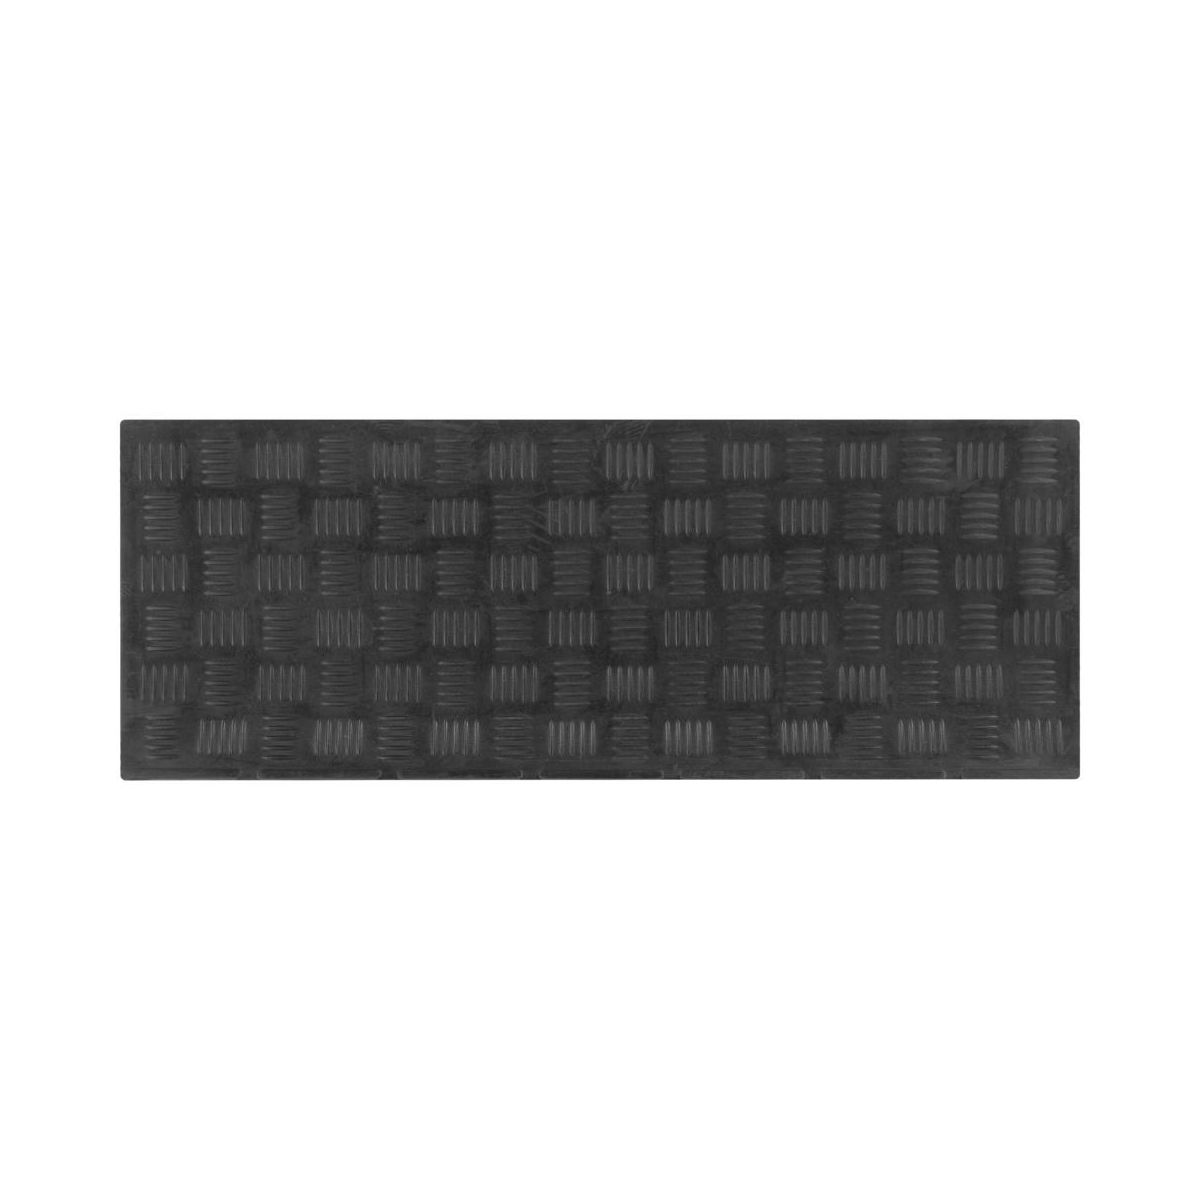 Nakladka Schodowa Czarna Gumowa 75 X 25 Cm Inspire Nakladki Schodowe W Atrakcyjnej Cenie W Sklepach Leroy Merlin